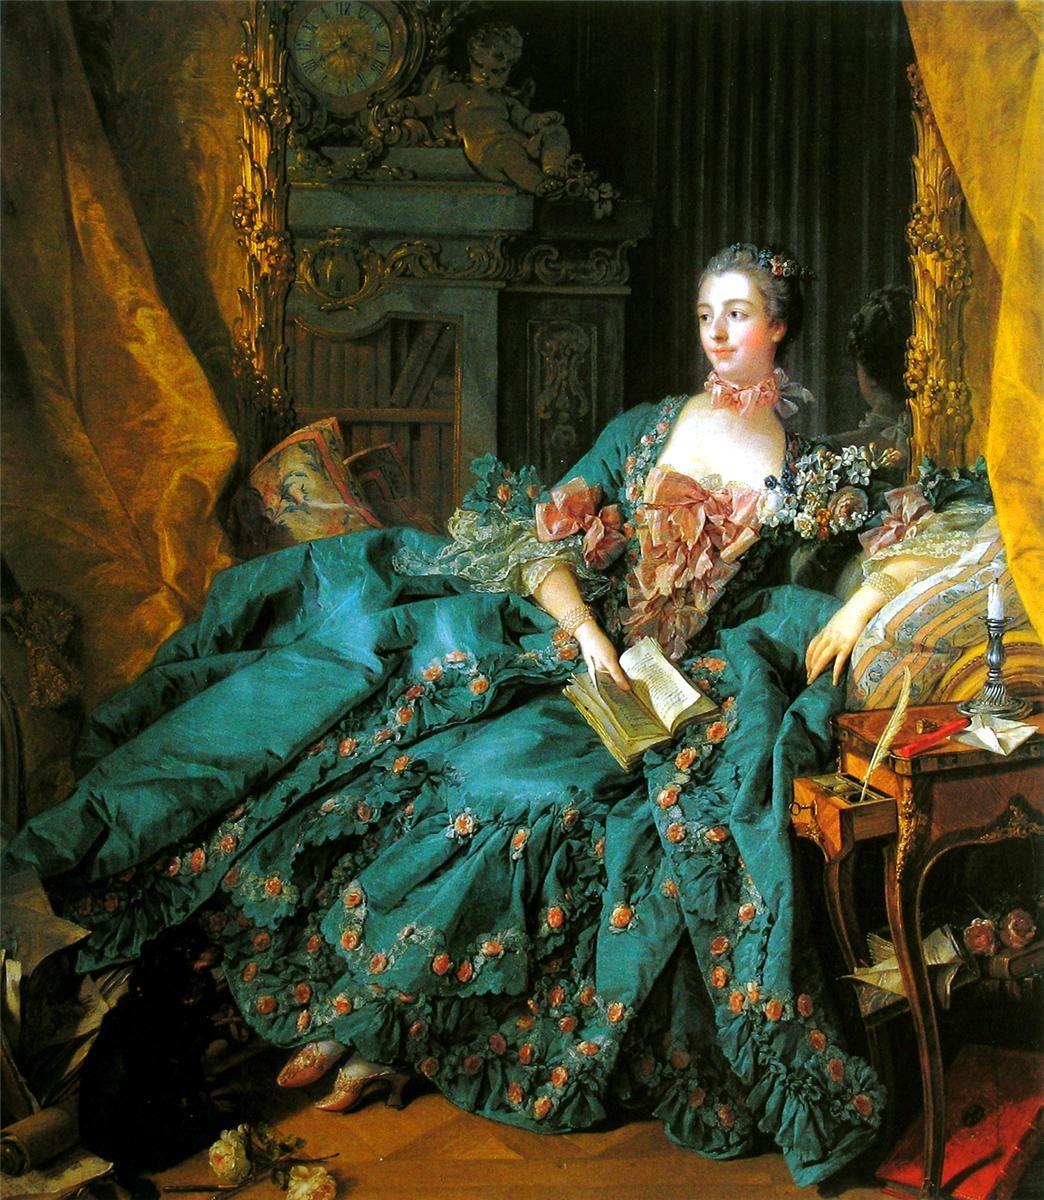 François Boucher, Portrait of Madame de Pompadour, 1756, Alte Pinakothek, Munich, Germany.